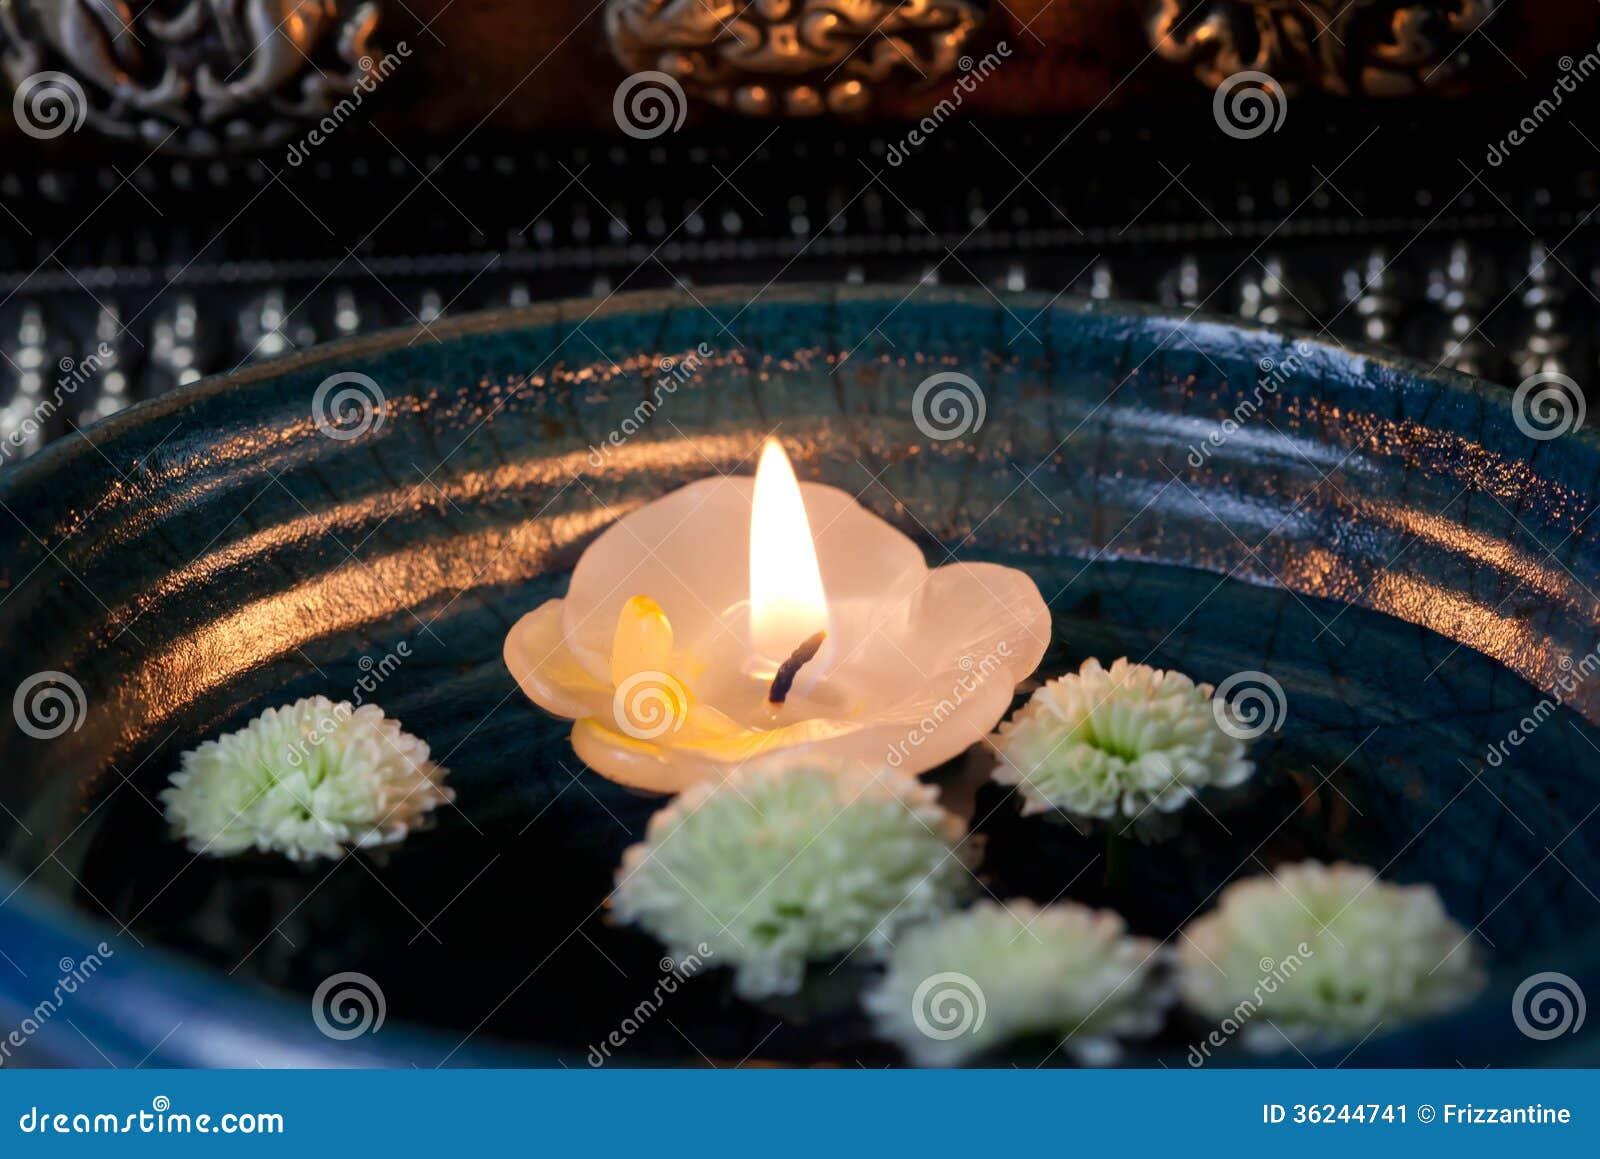 Floating Candle Asia - Stock Photo Stock Image - Image: 36244741